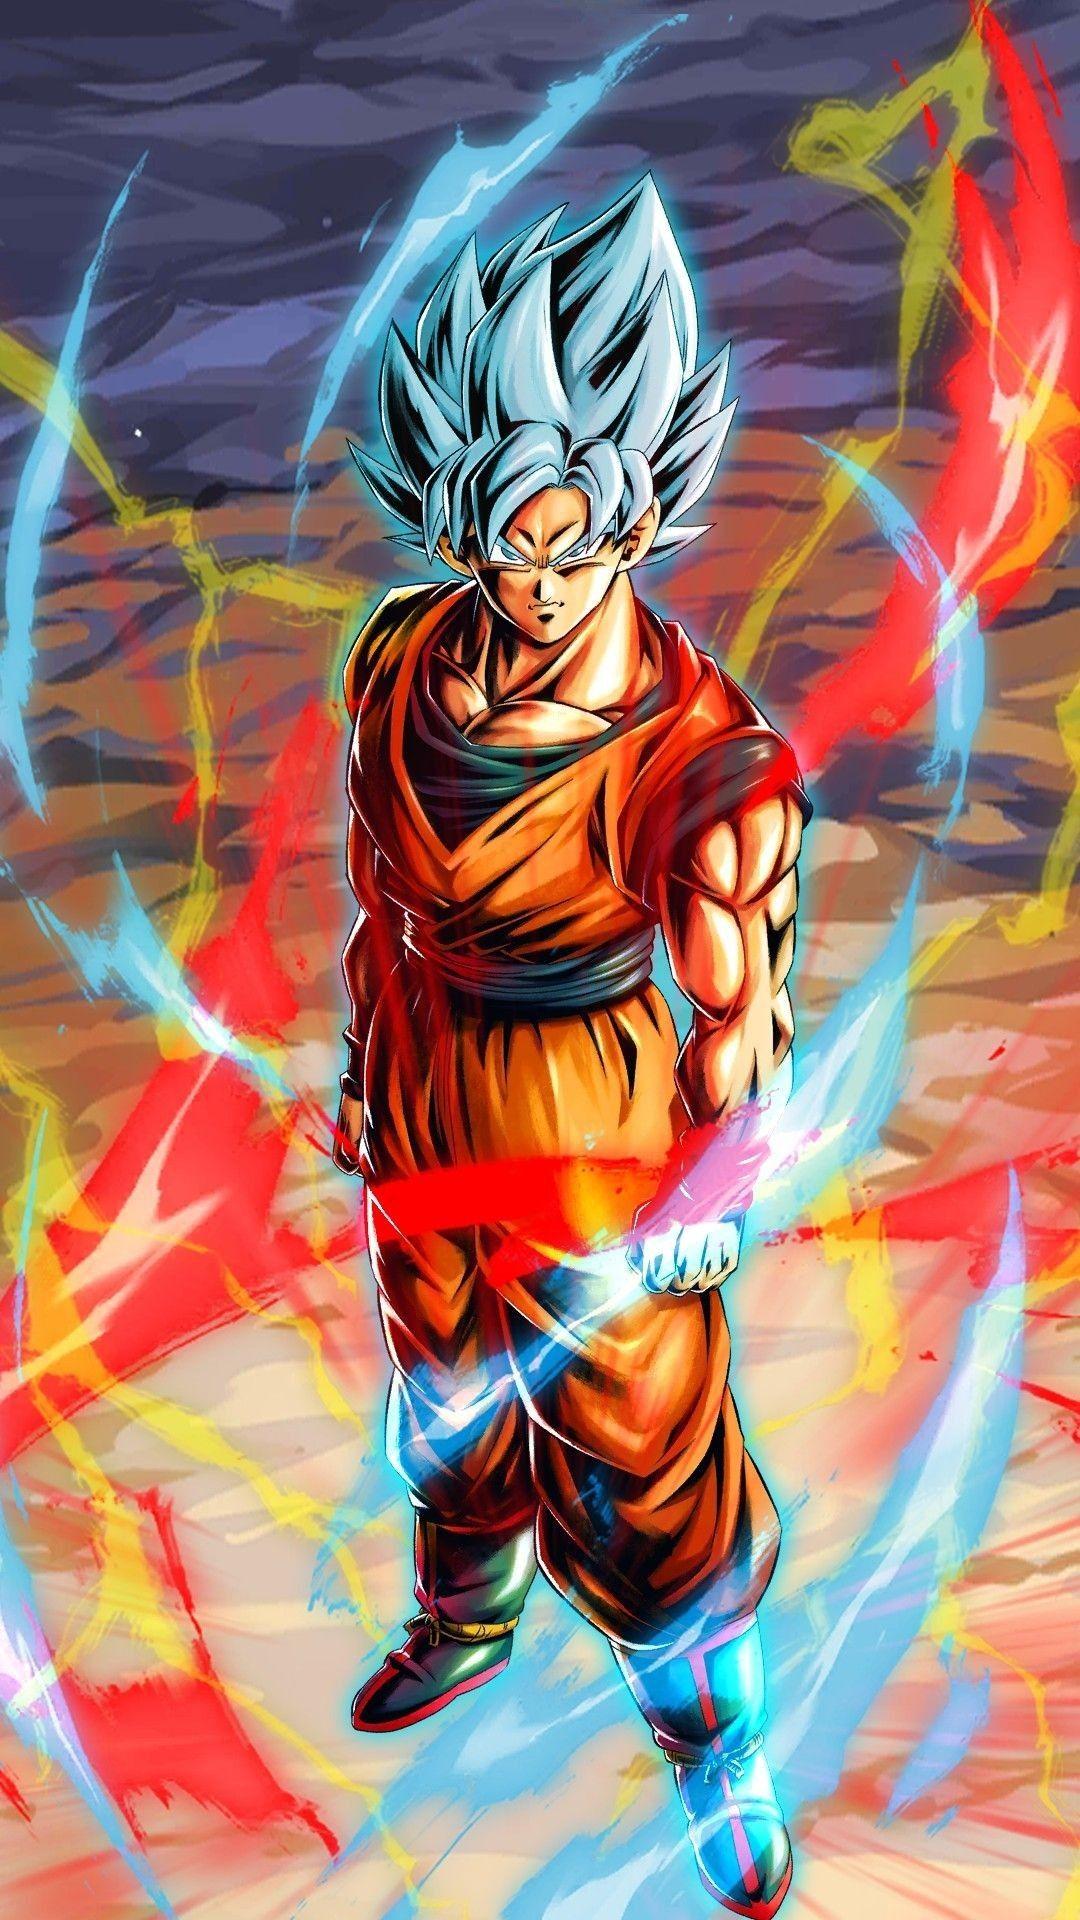 Pin By Eric Koon On Dragon Ball Anime Dragon Ball Super Dragon Ball Dragon Ball Super Goku